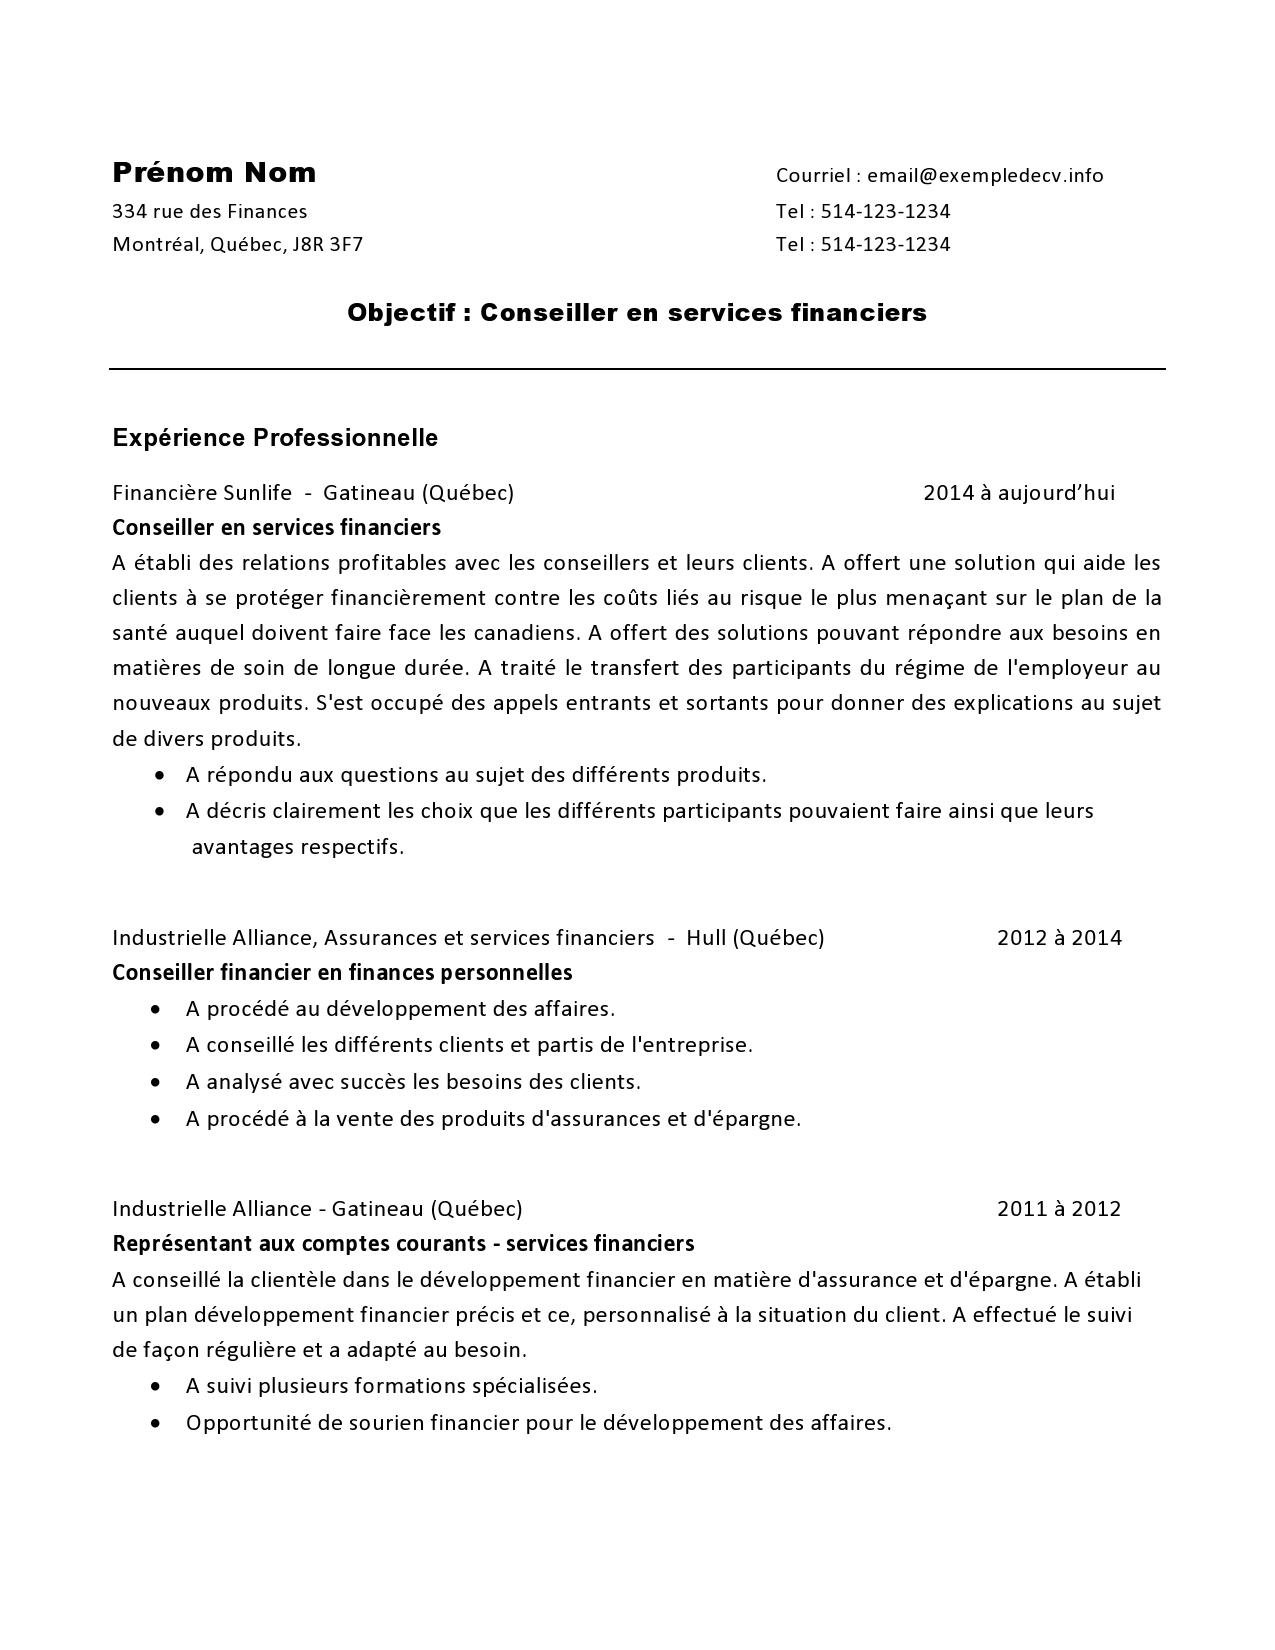 cv d u2019un conseiller en services financiers  u2013 exemple de cv  info